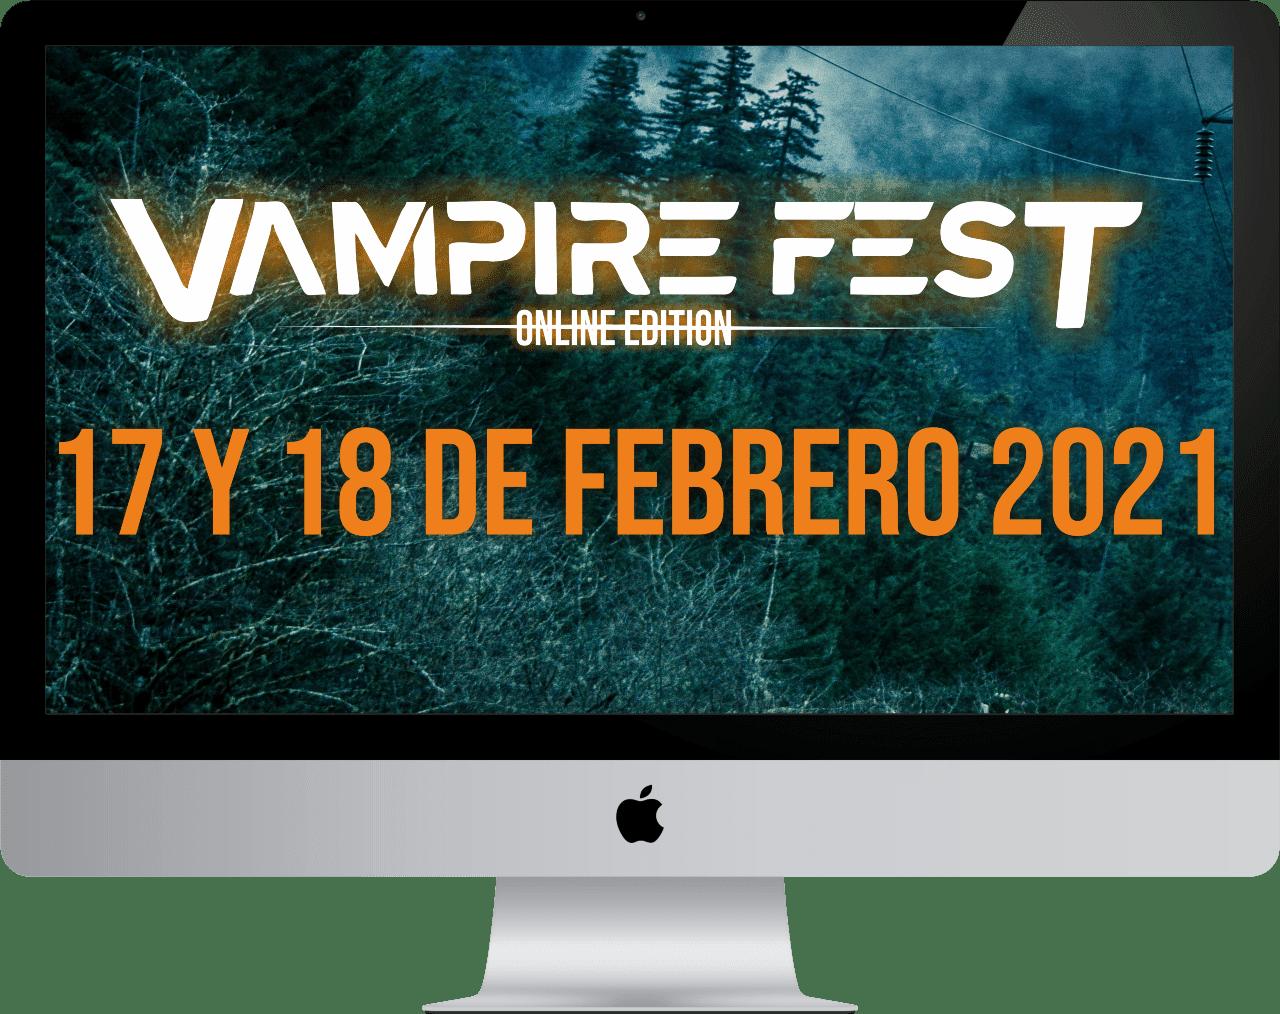 Primeras incorporaciones del Vampire Fest Online Edition